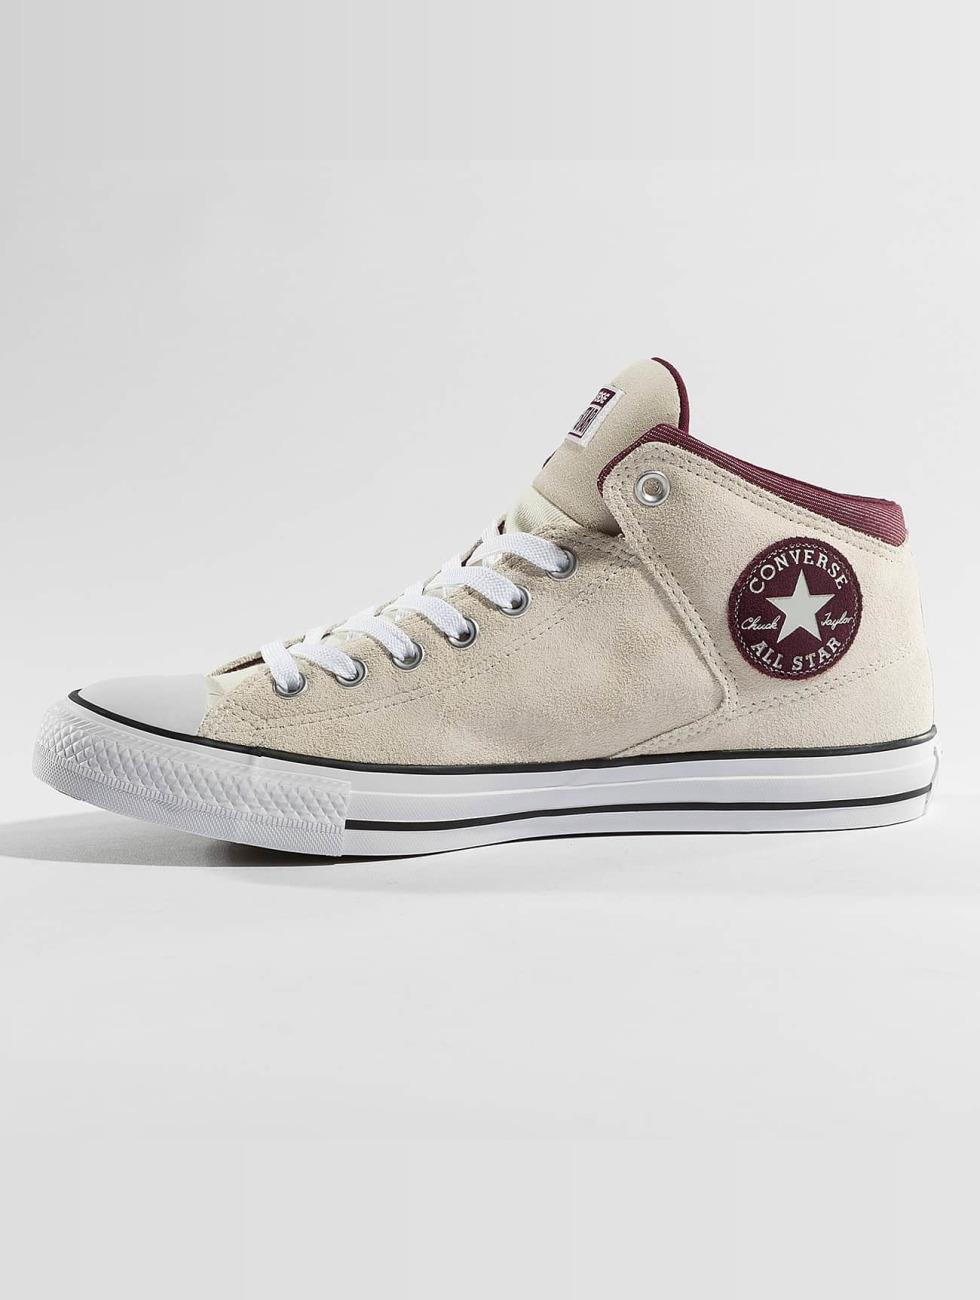 Converse schoen / sneaker Taylor All Star in beige 362431 Beste Keuze bestellen mode-stijl x8RCEs